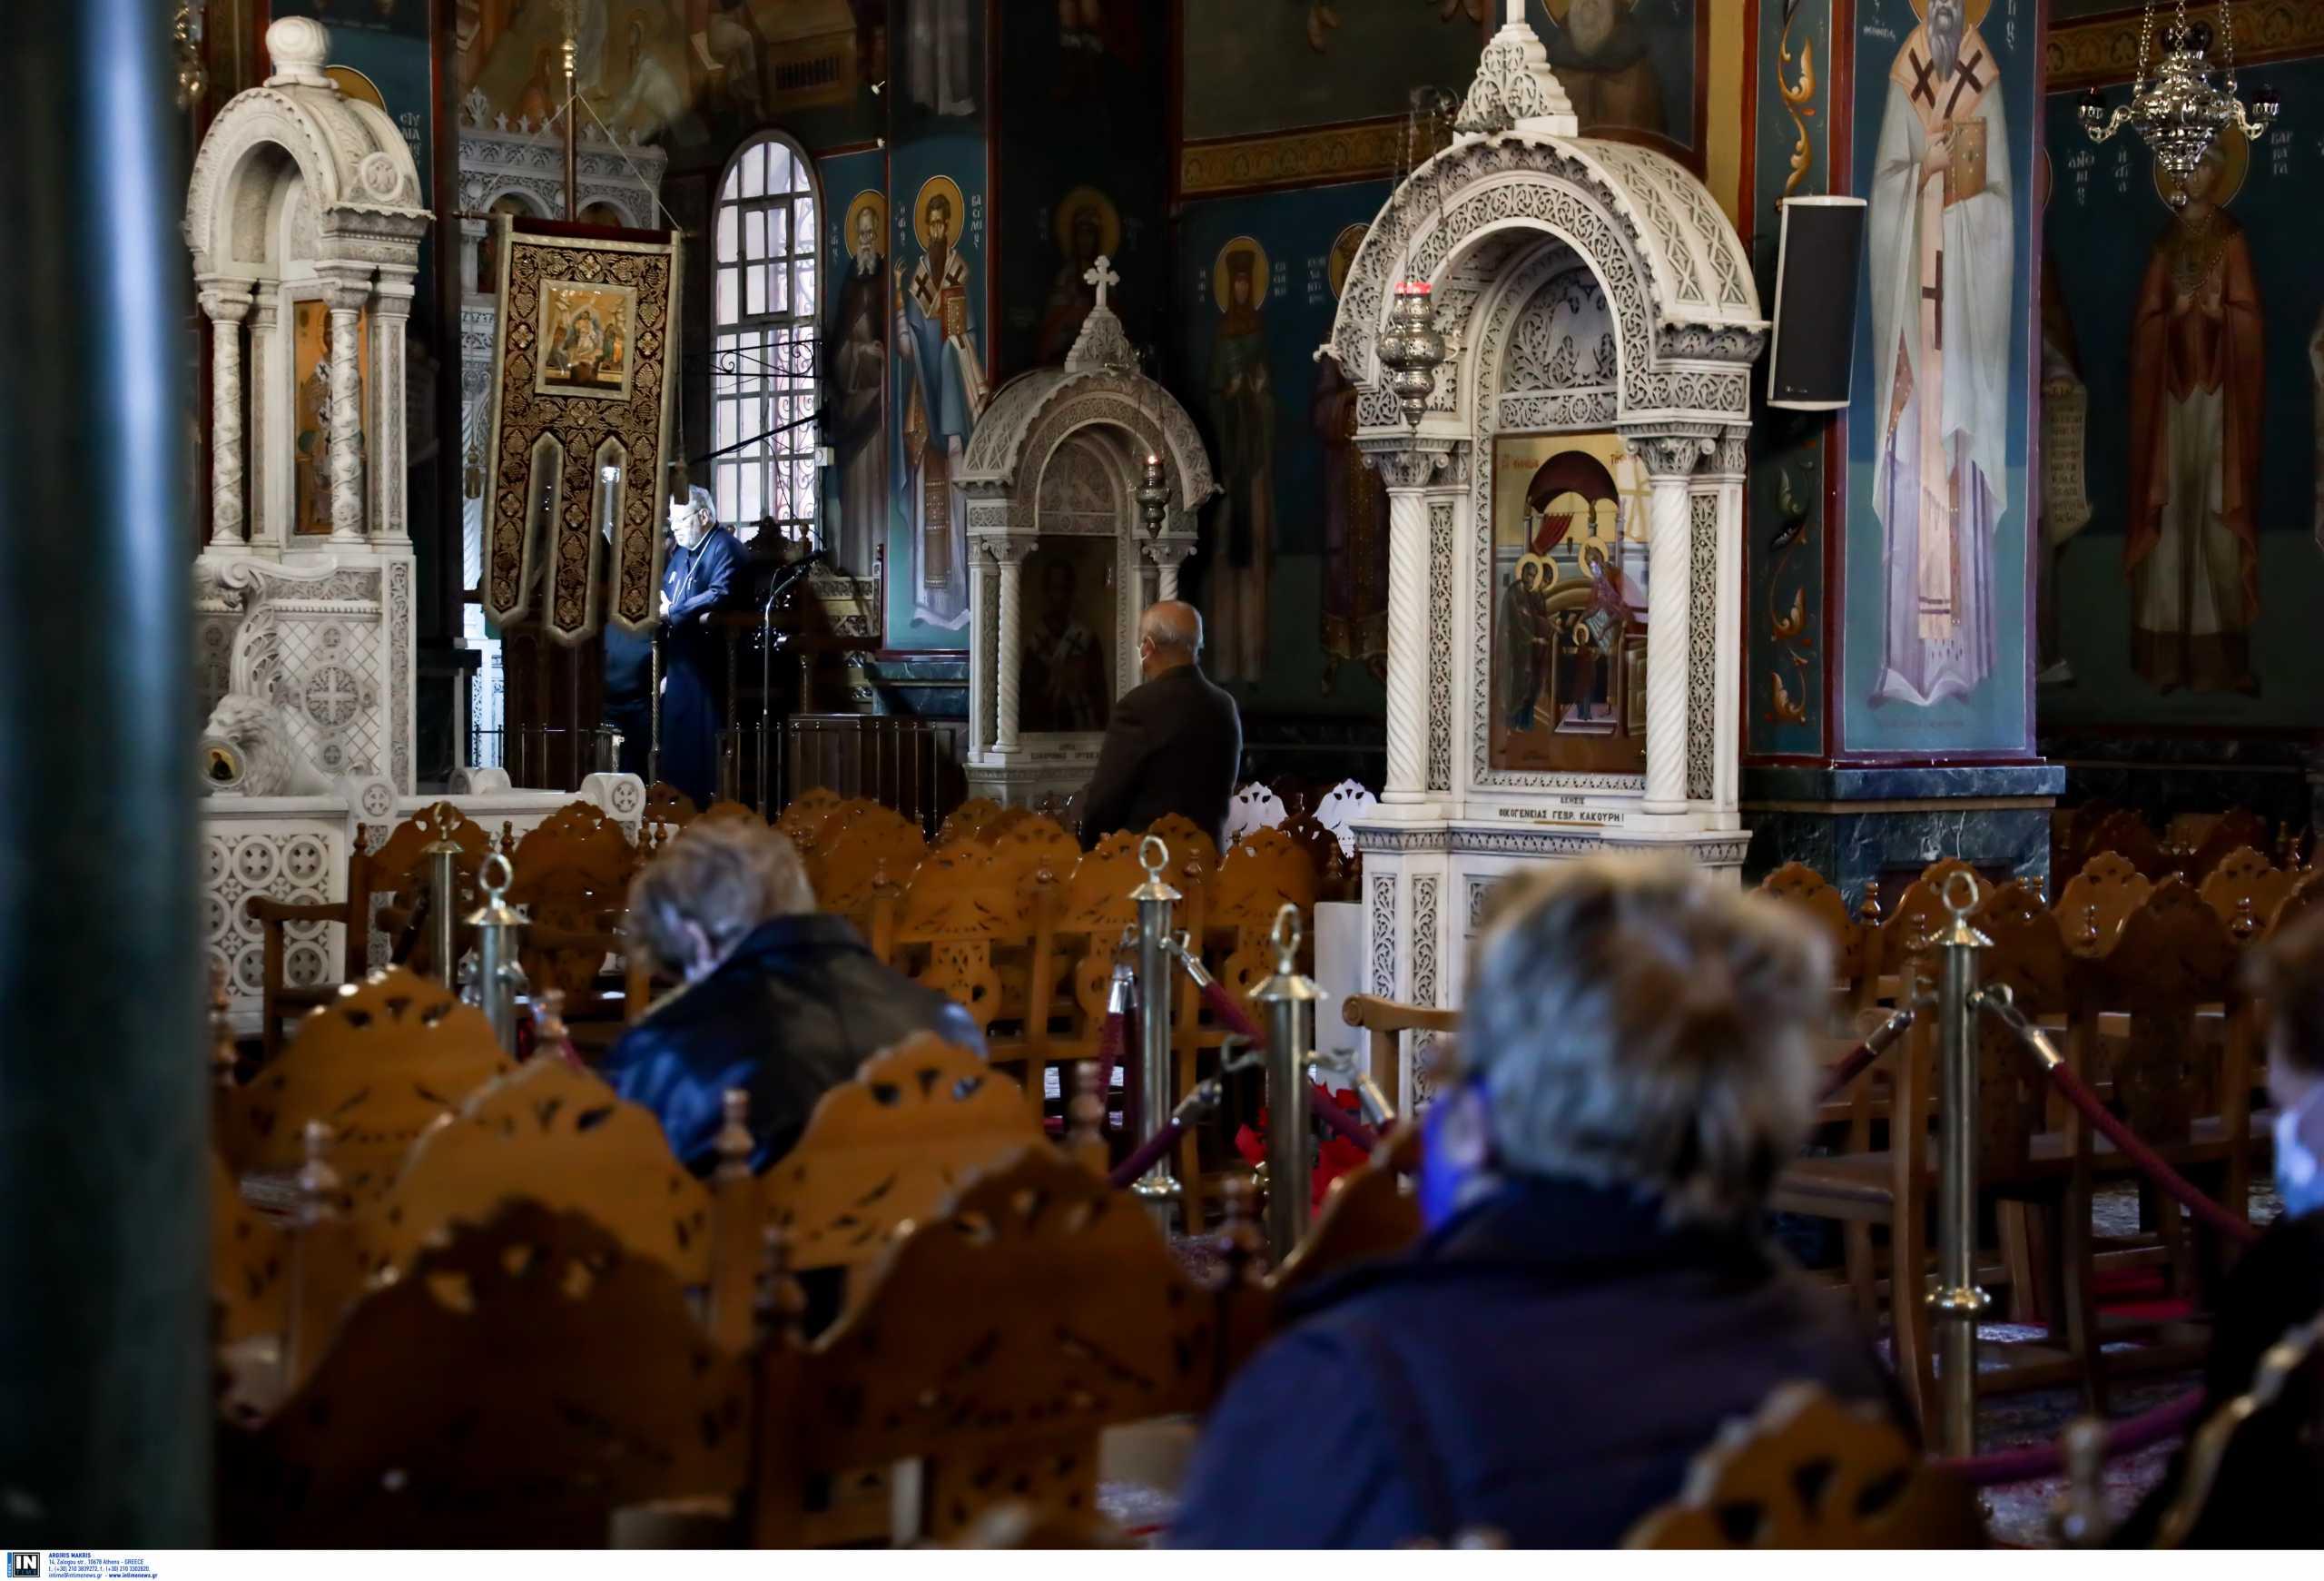 Περισσότερους πιστούς στους ναούς και Ανάσταση στα προαύλια ζήτησε η Εκκλησία για το Πάσχα